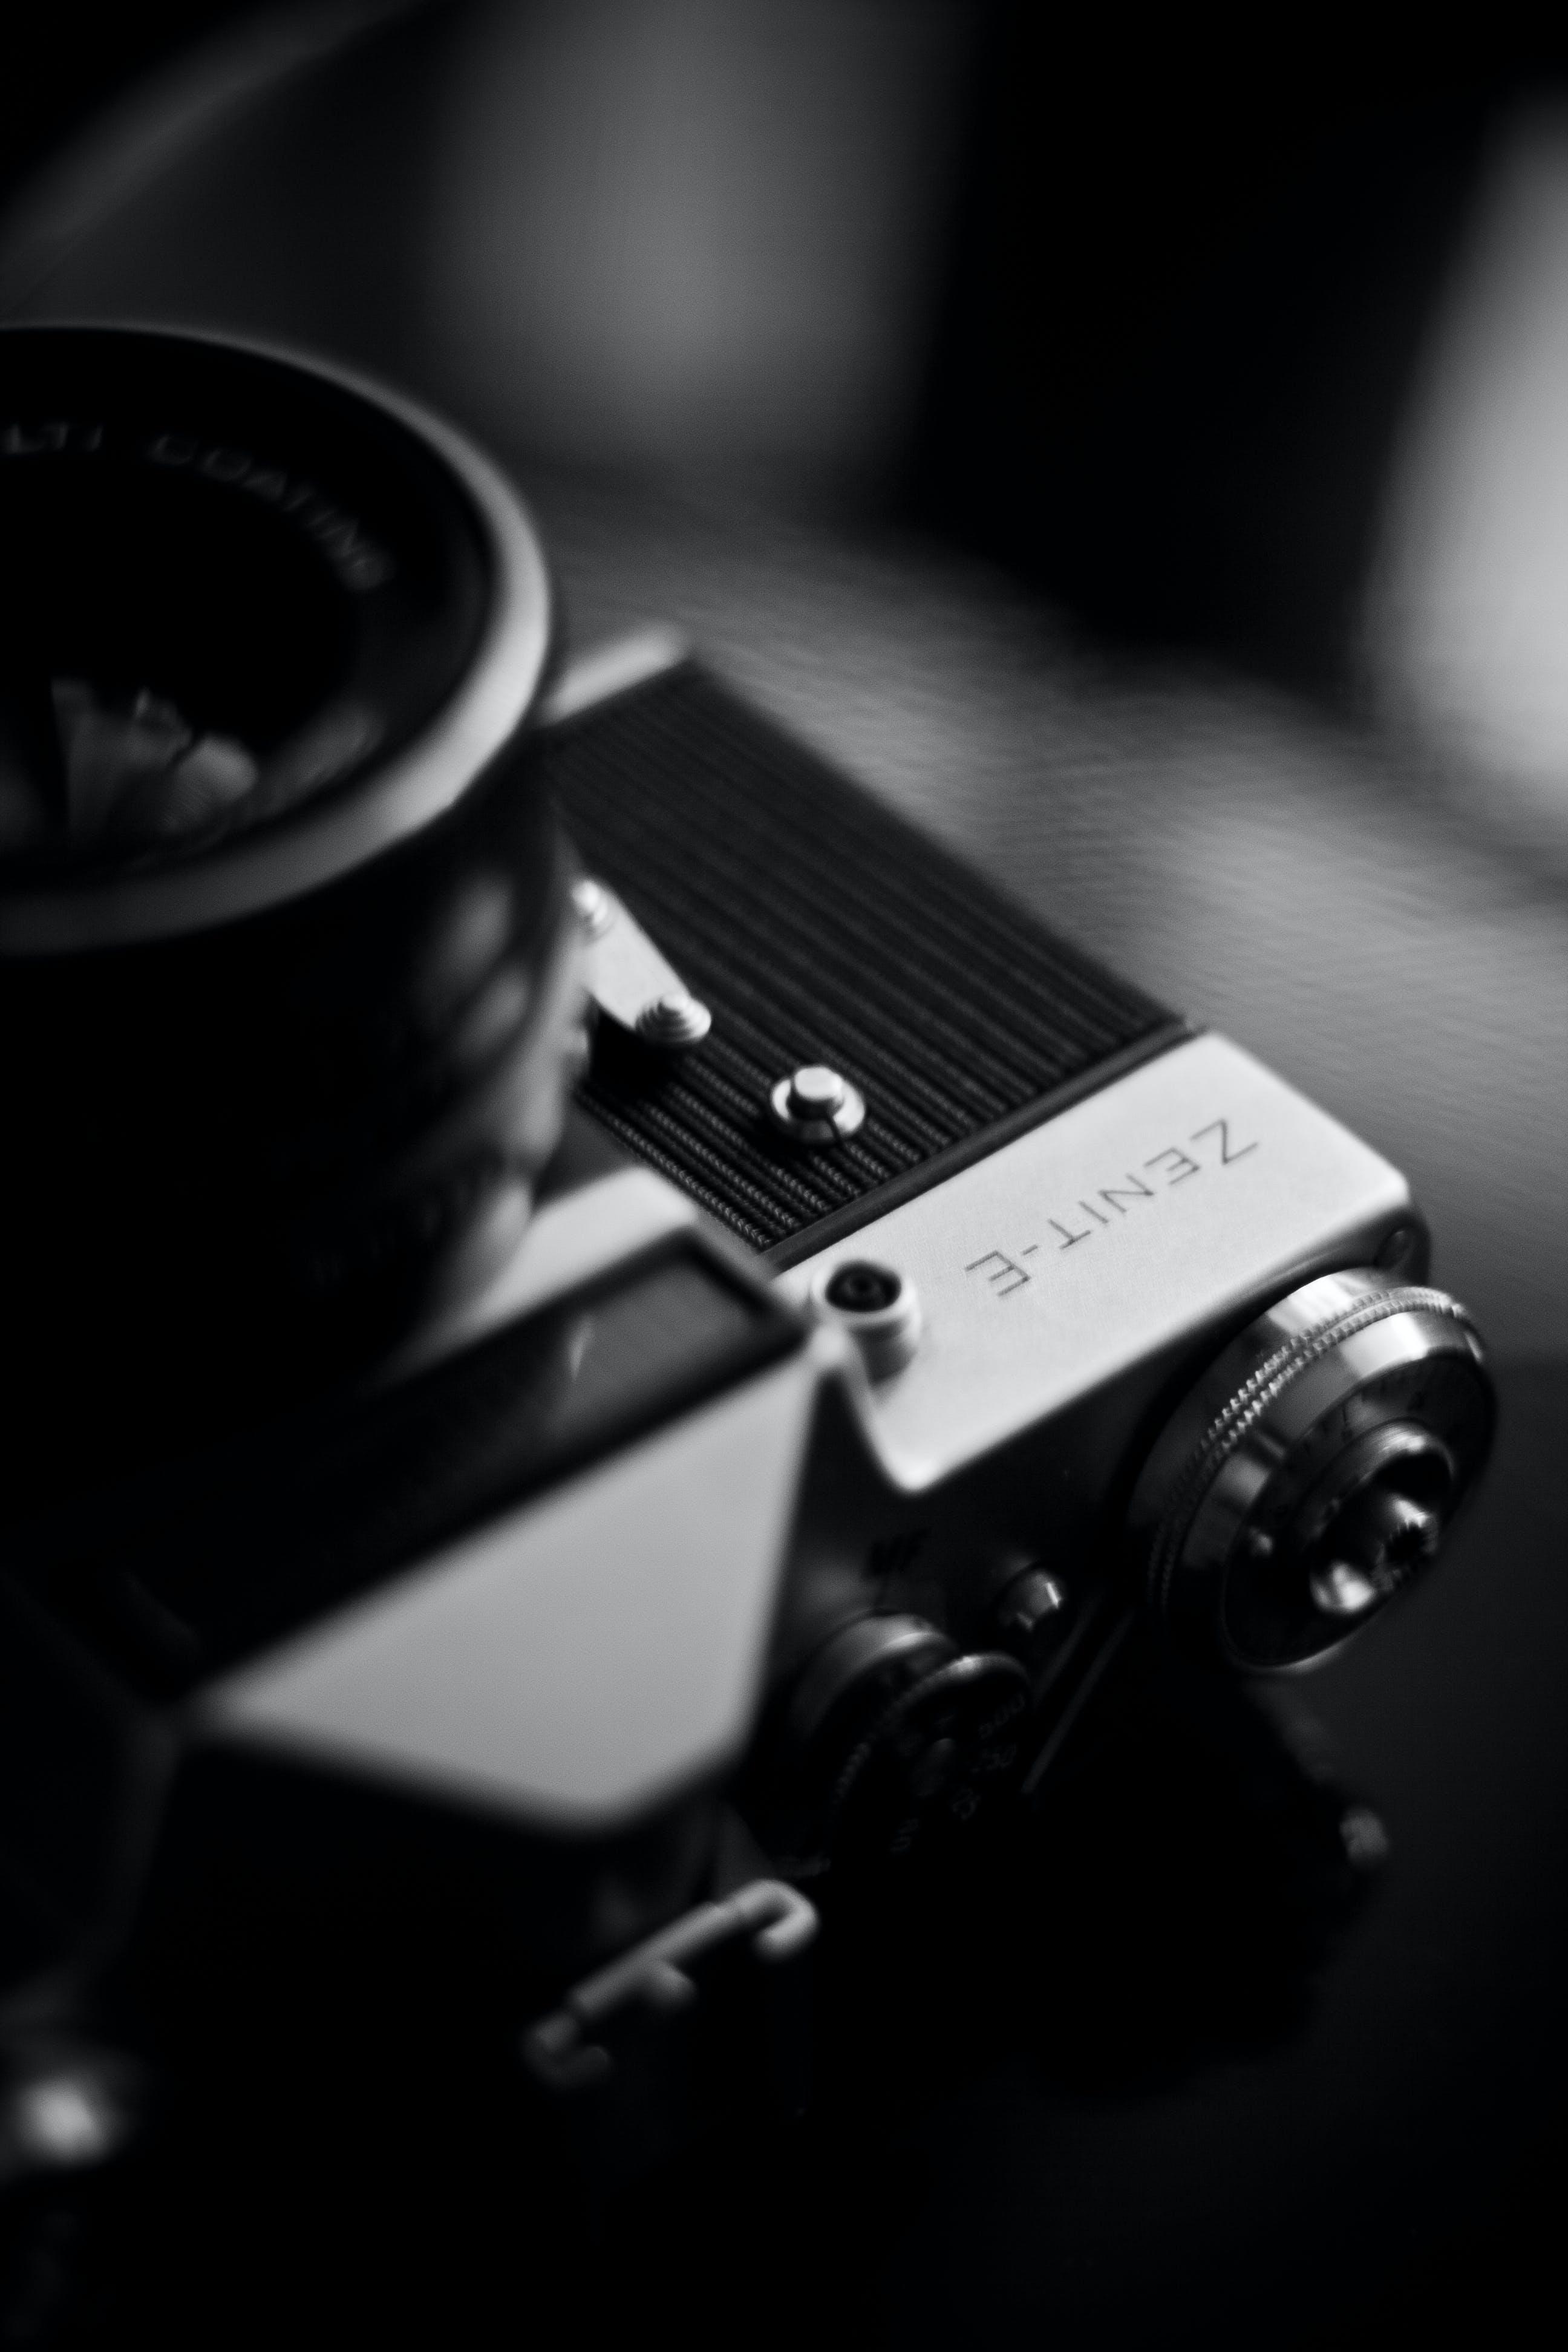 Gratis arkivbilde med fotografi, kamera, retro, svart-hvitt